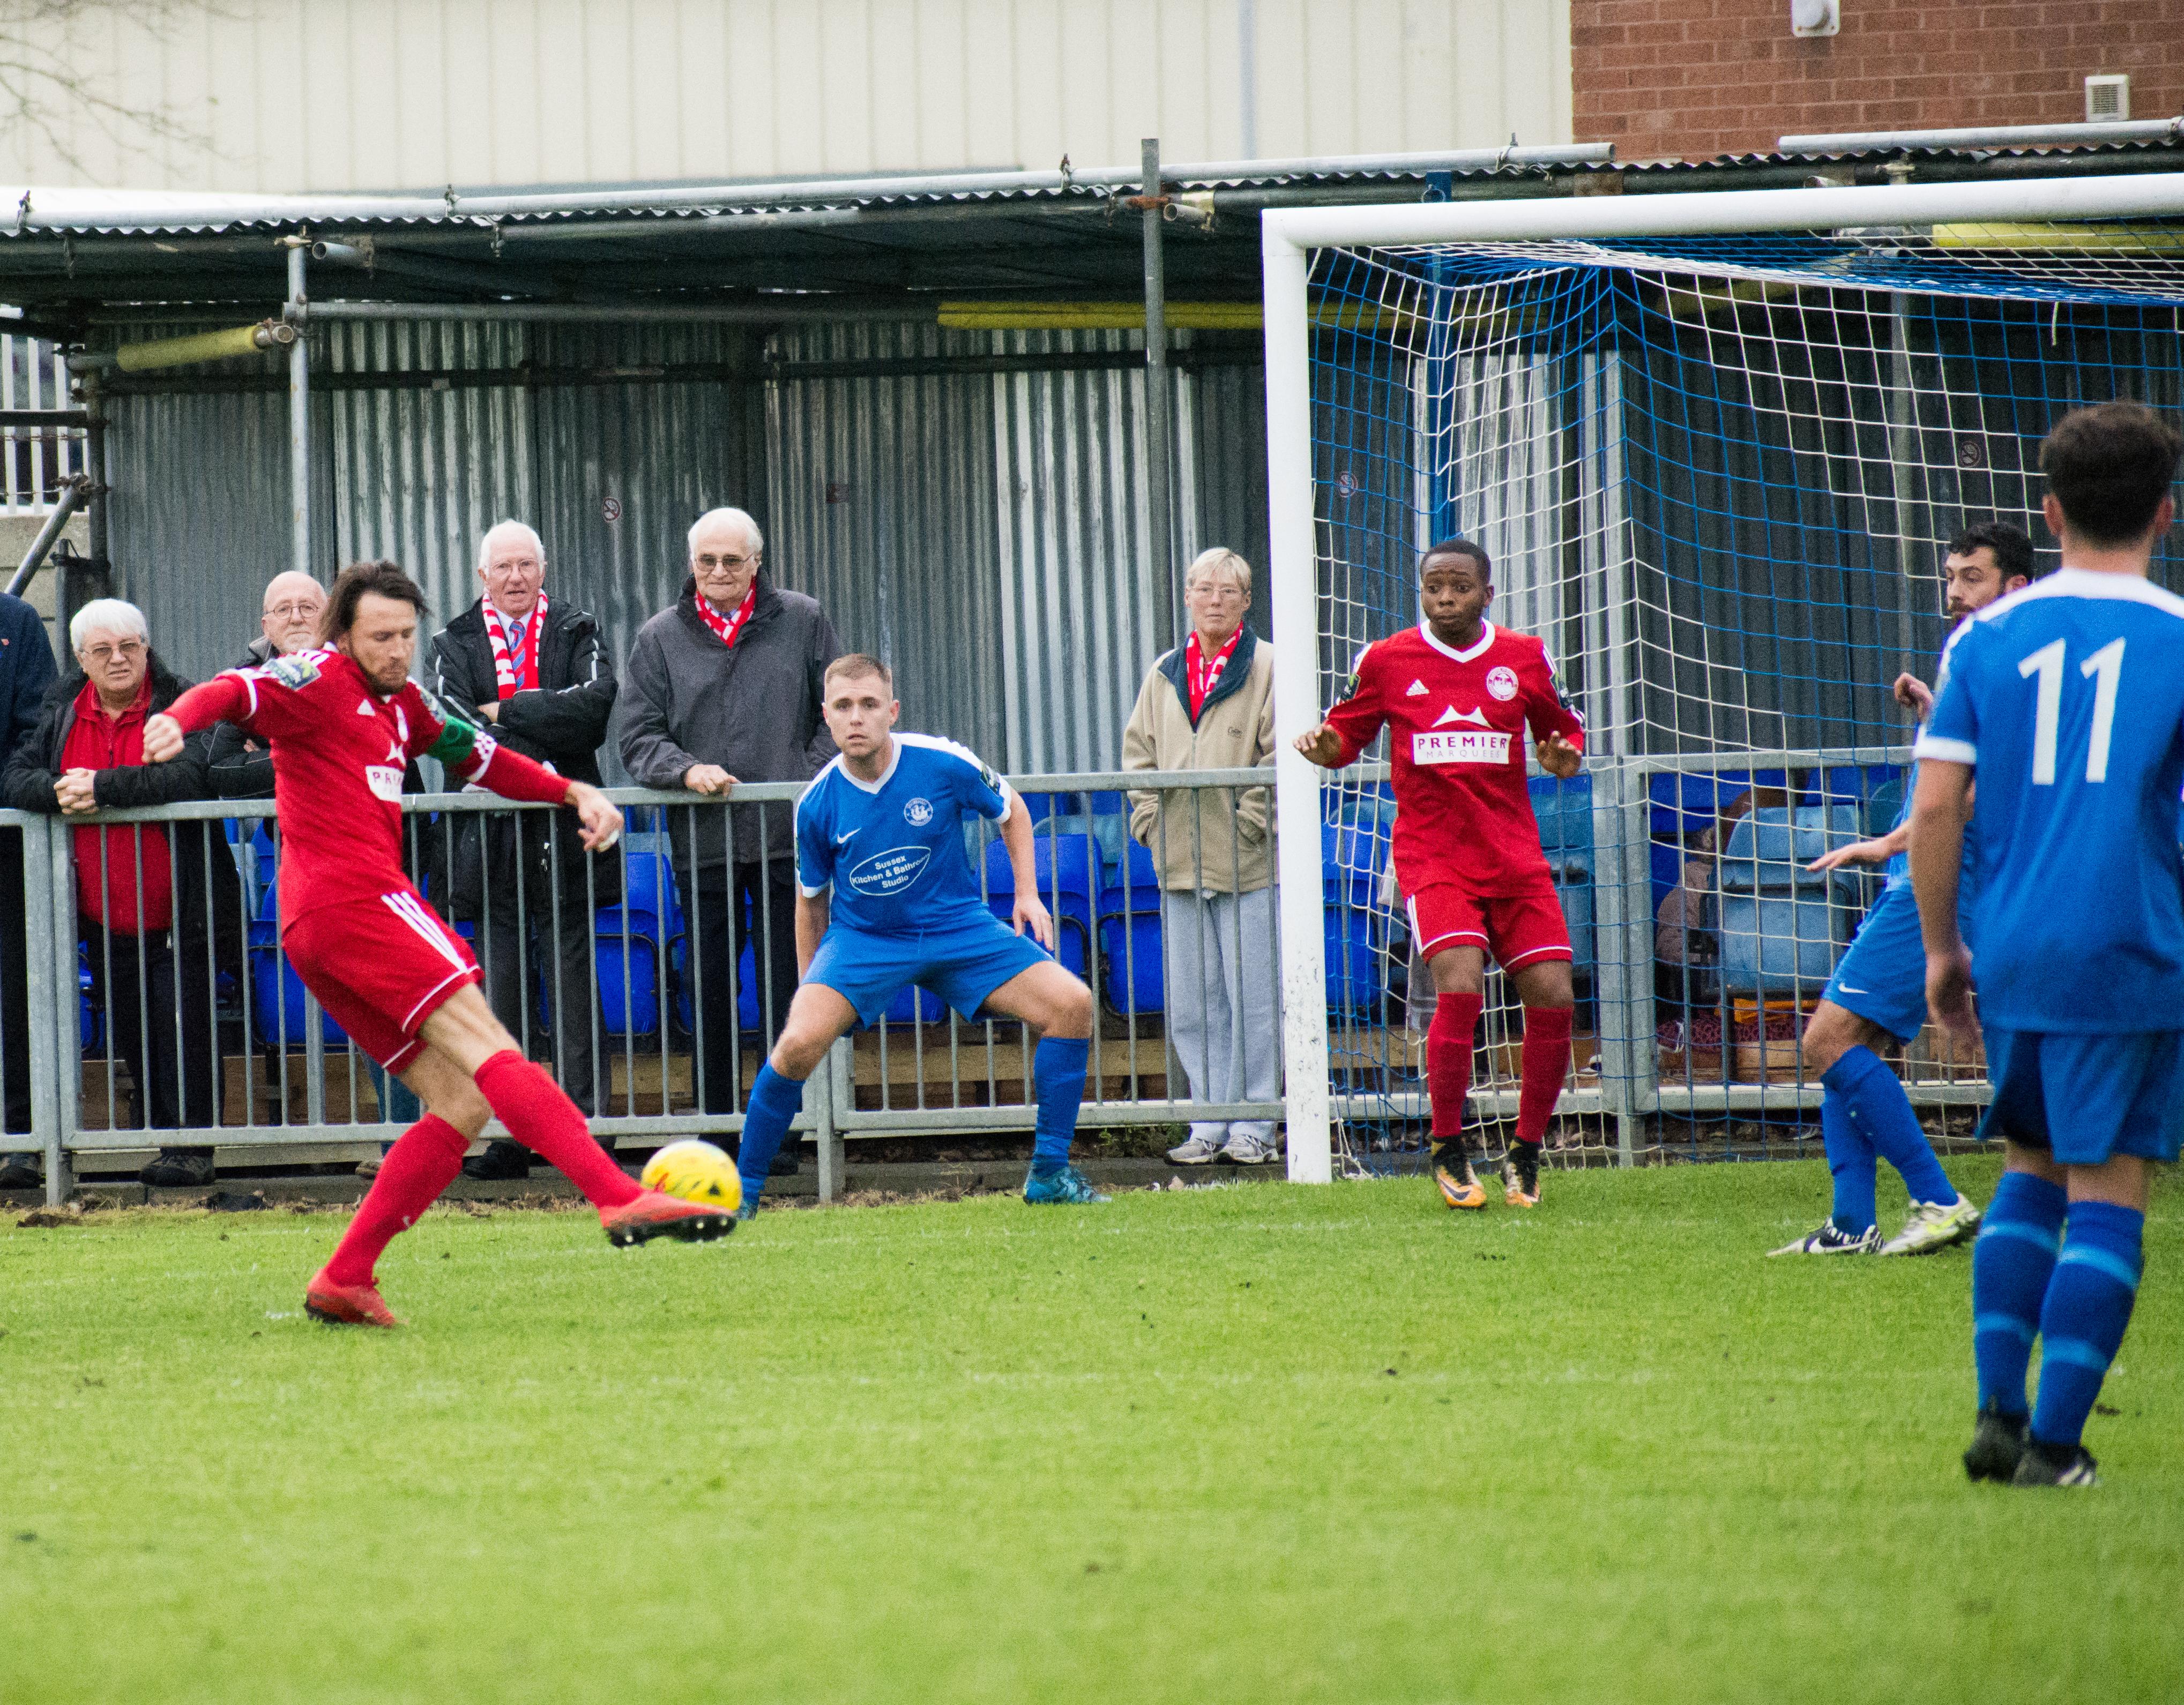 Shoreham FC vs Hythe Town 11.11.17 42